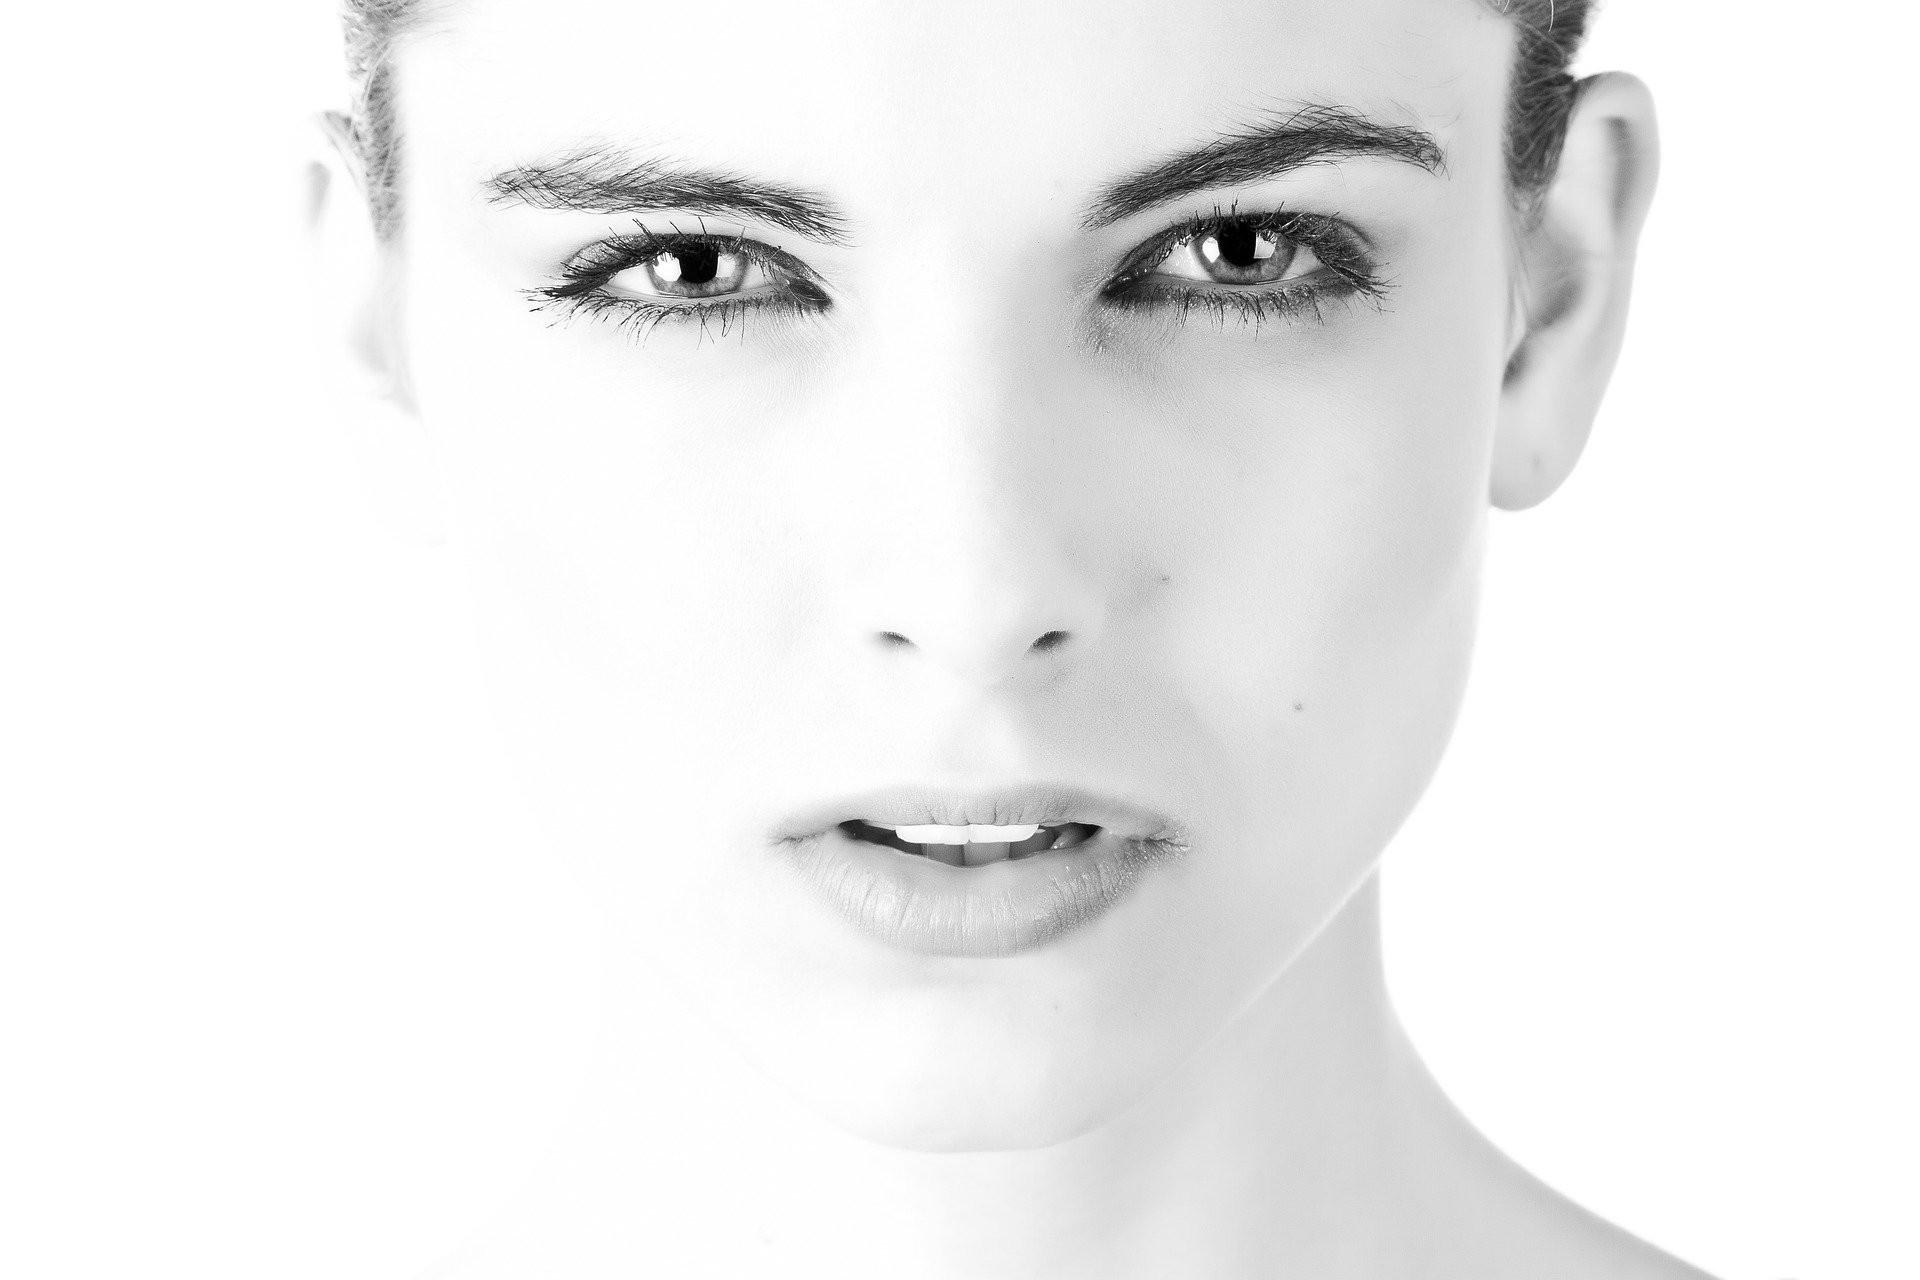 Ladies, 5 Bagian Tubuh Ini Cepat Menua, Harus Dirawat dengan Baik - JPNN.com